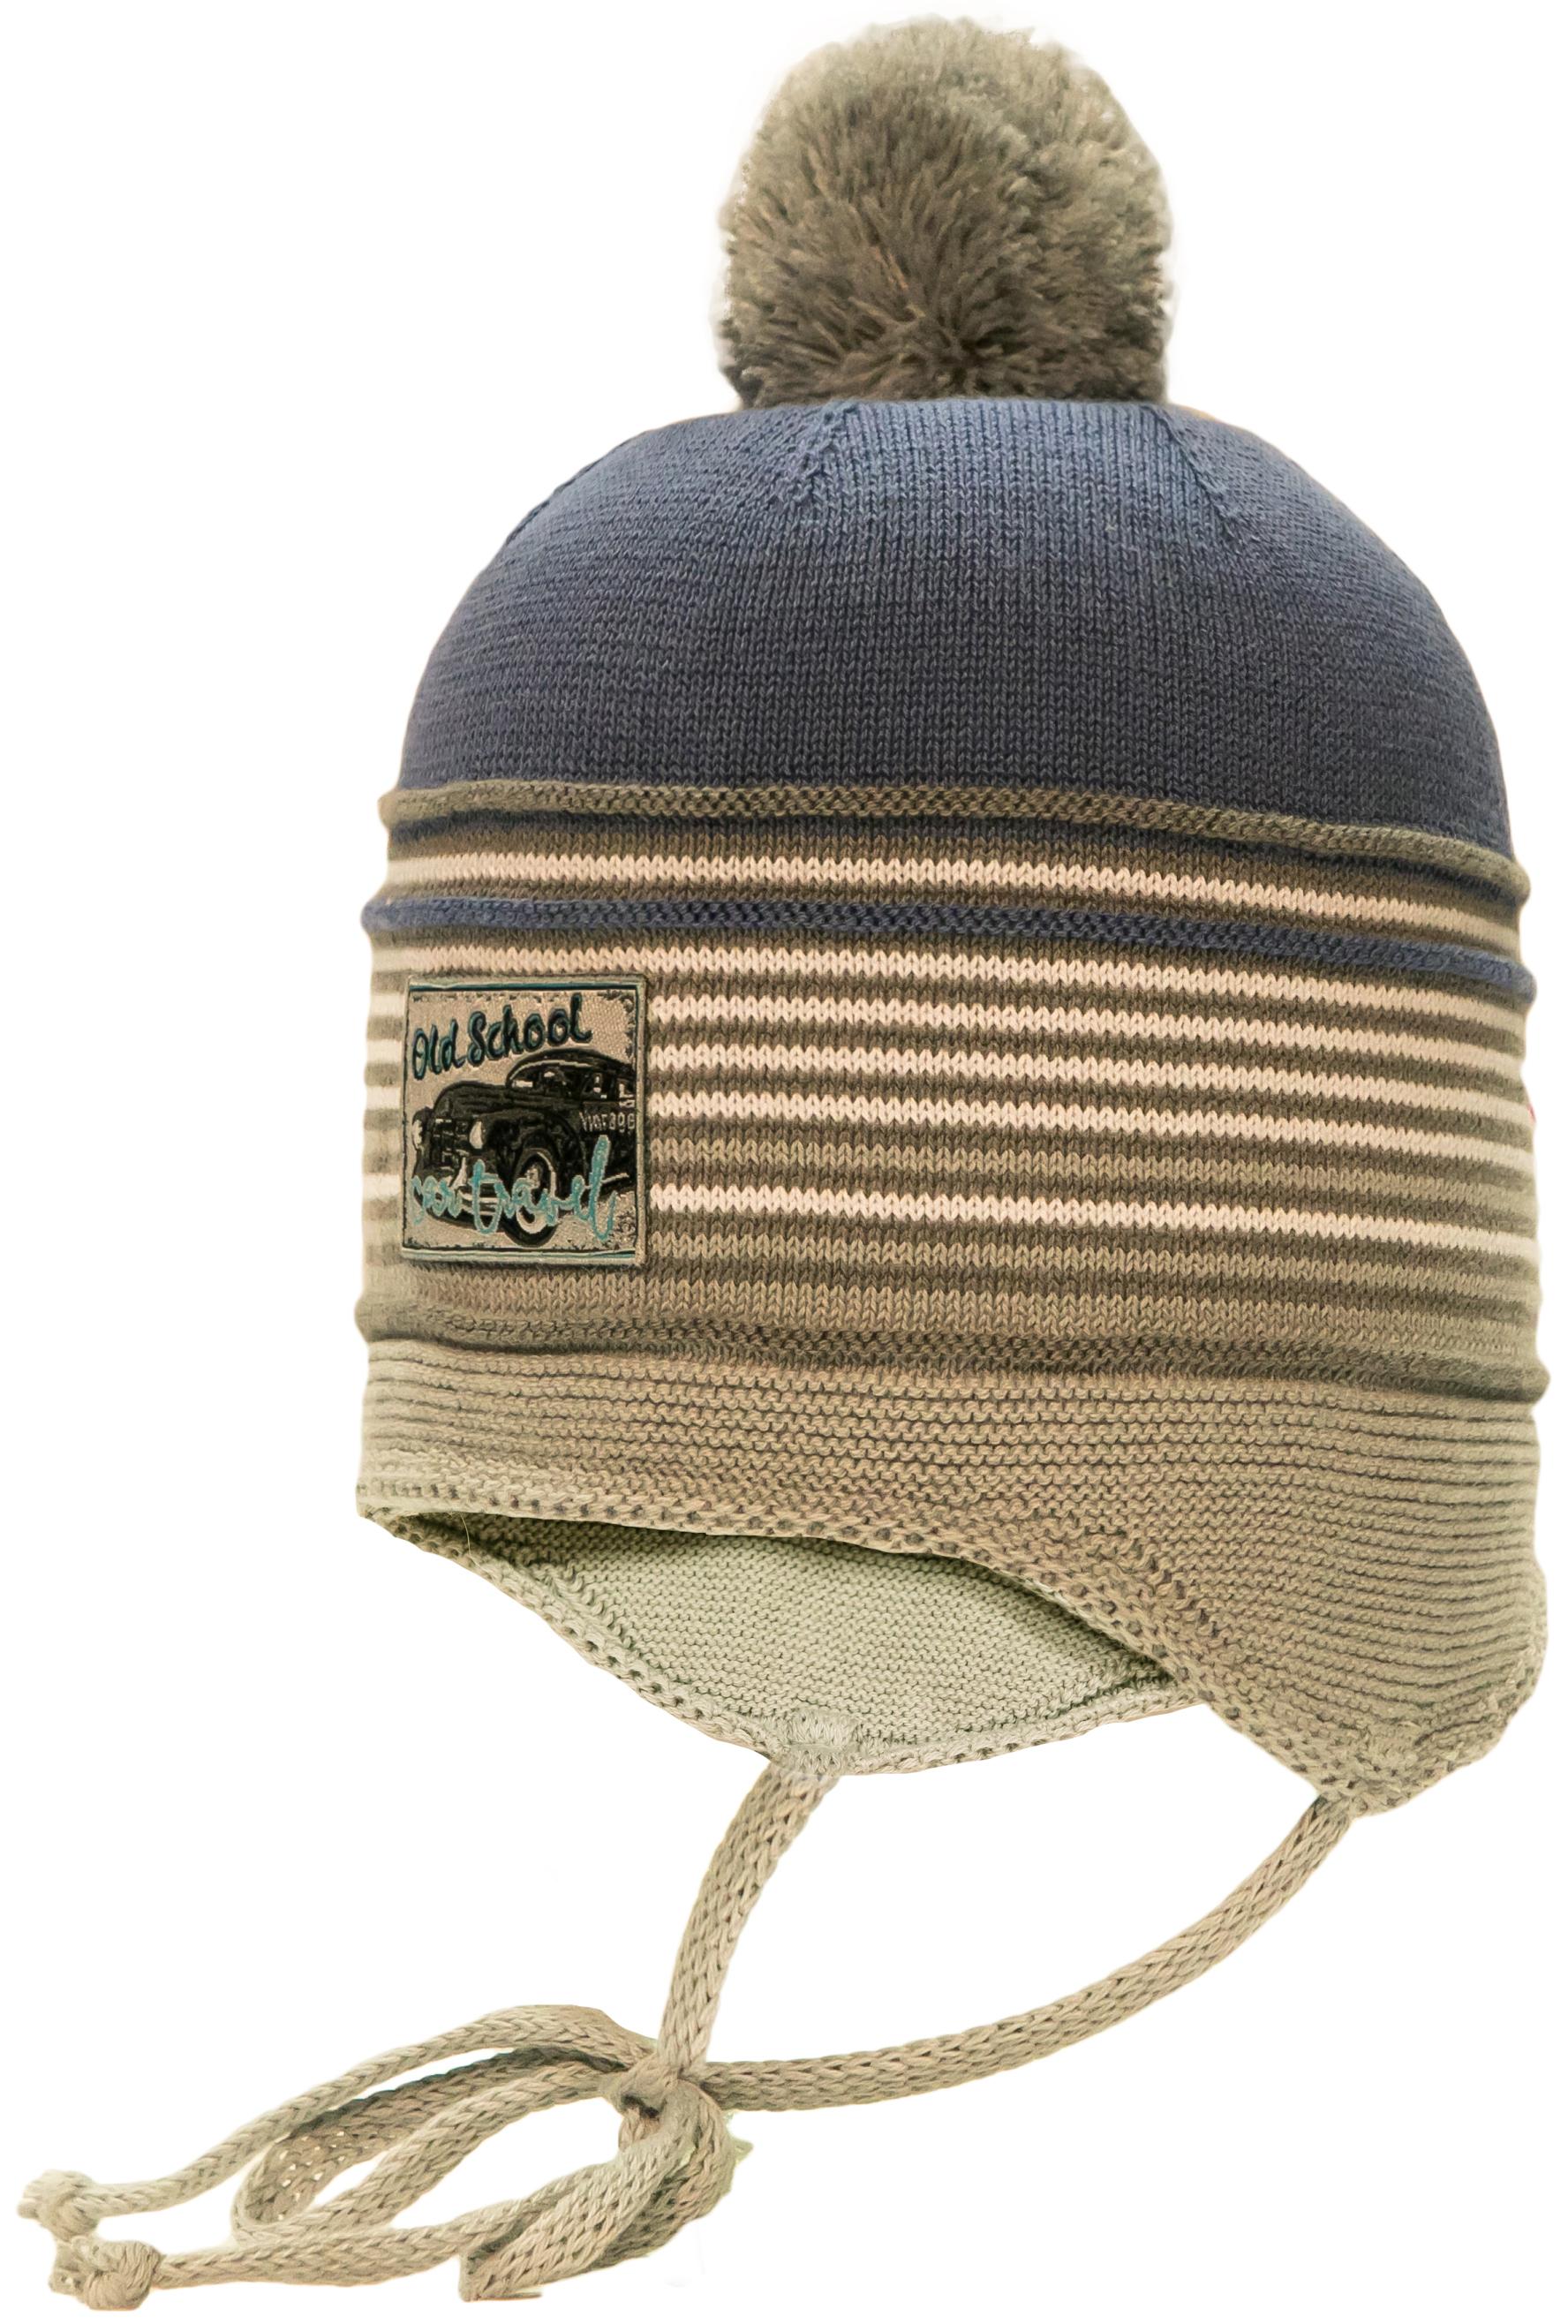 Шапка (ушанка) с завязками для мальчика Barkito Barkito Голубая с рисунком в полоску шапка ушанка для мальчика barkito темно синяя с рисунком в полоску